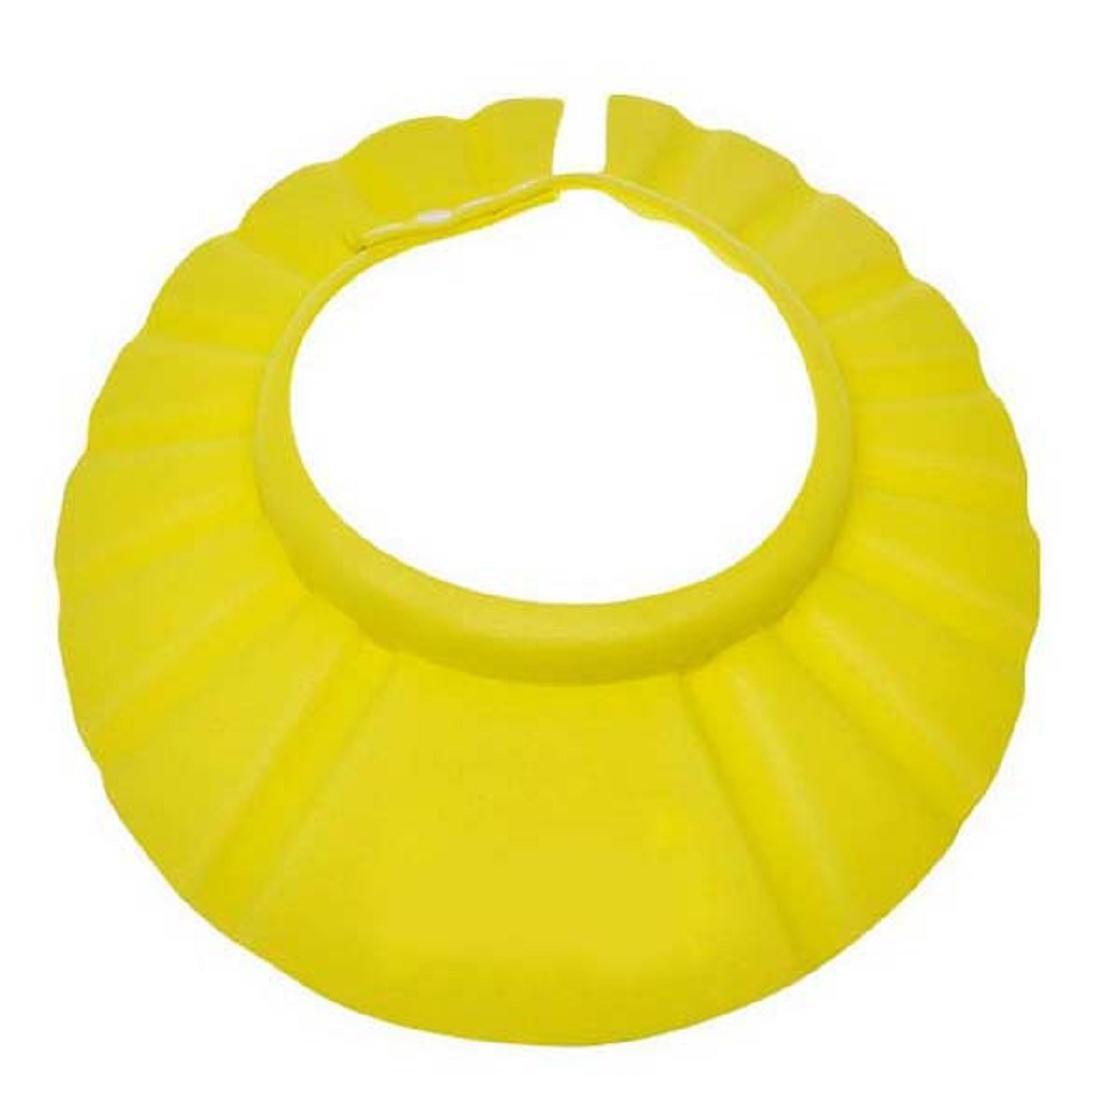 Sannysis® Bagno balneazione sicura Shampoo Doccia Proteggere molle della protezione del cappello per il bambino capretti dei bambini